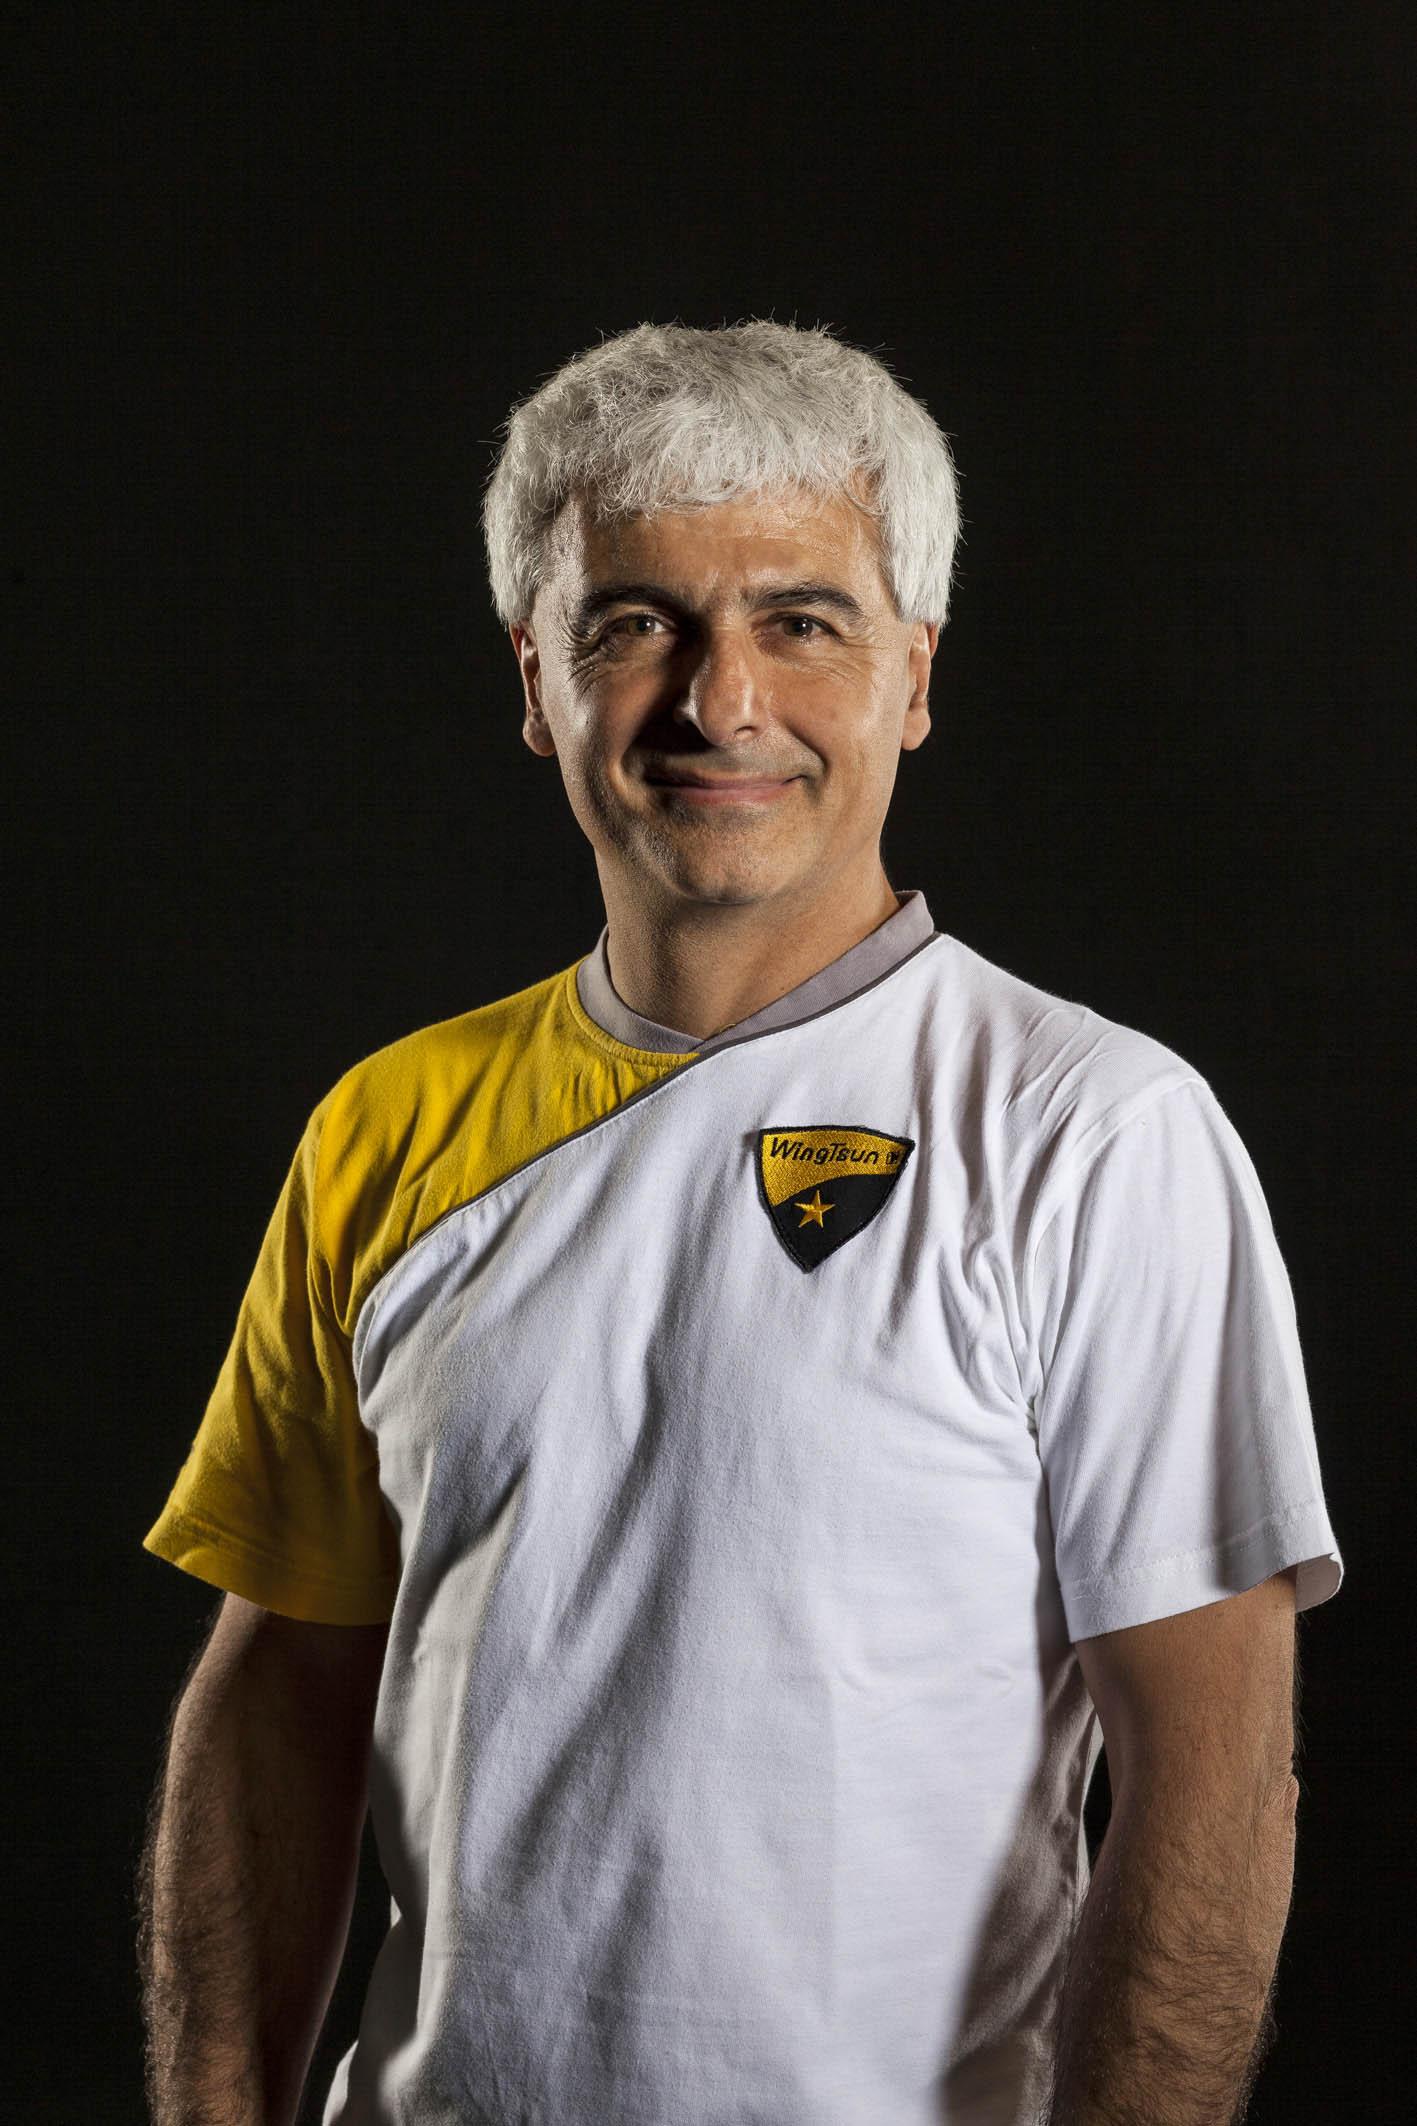 GM Giuseppe Schembri Magister Sportpädagogik (Uni Plovdiv BG) 9. Großmeistergrad WingTsun 5. Meistergrad Escrima Landestrainer Schweiz, Liechtenstein